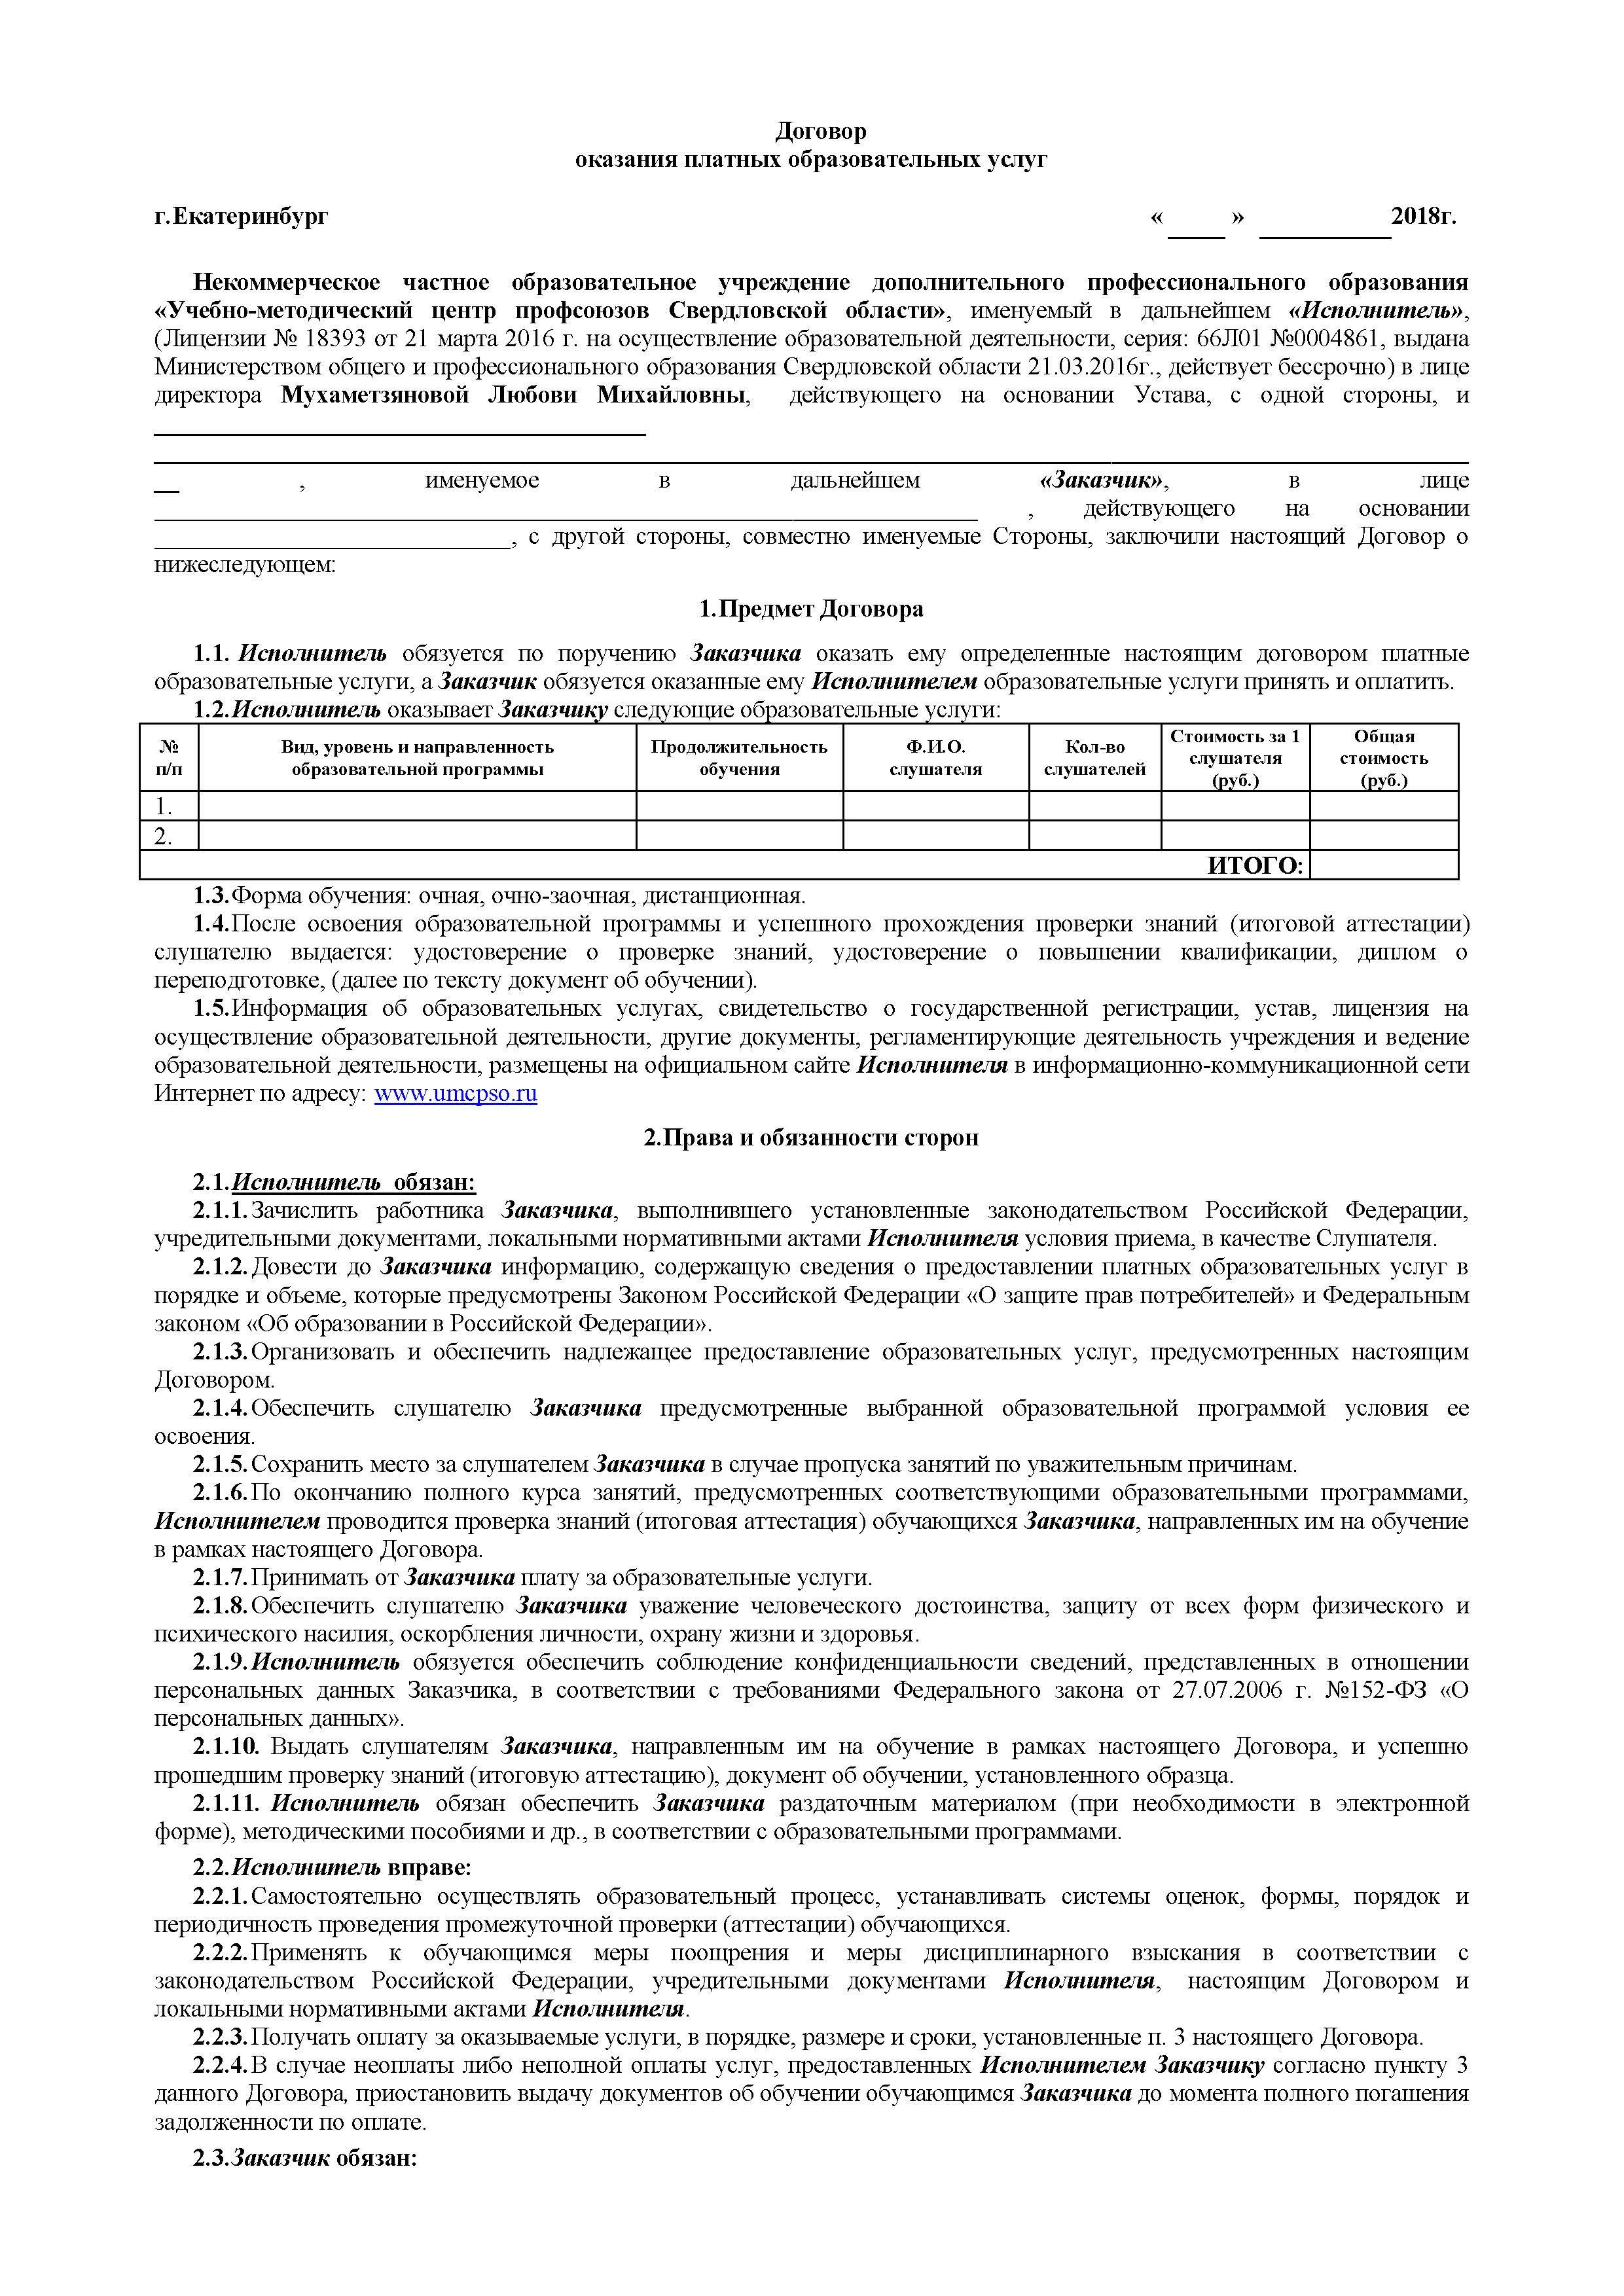 Договор_Страница_1